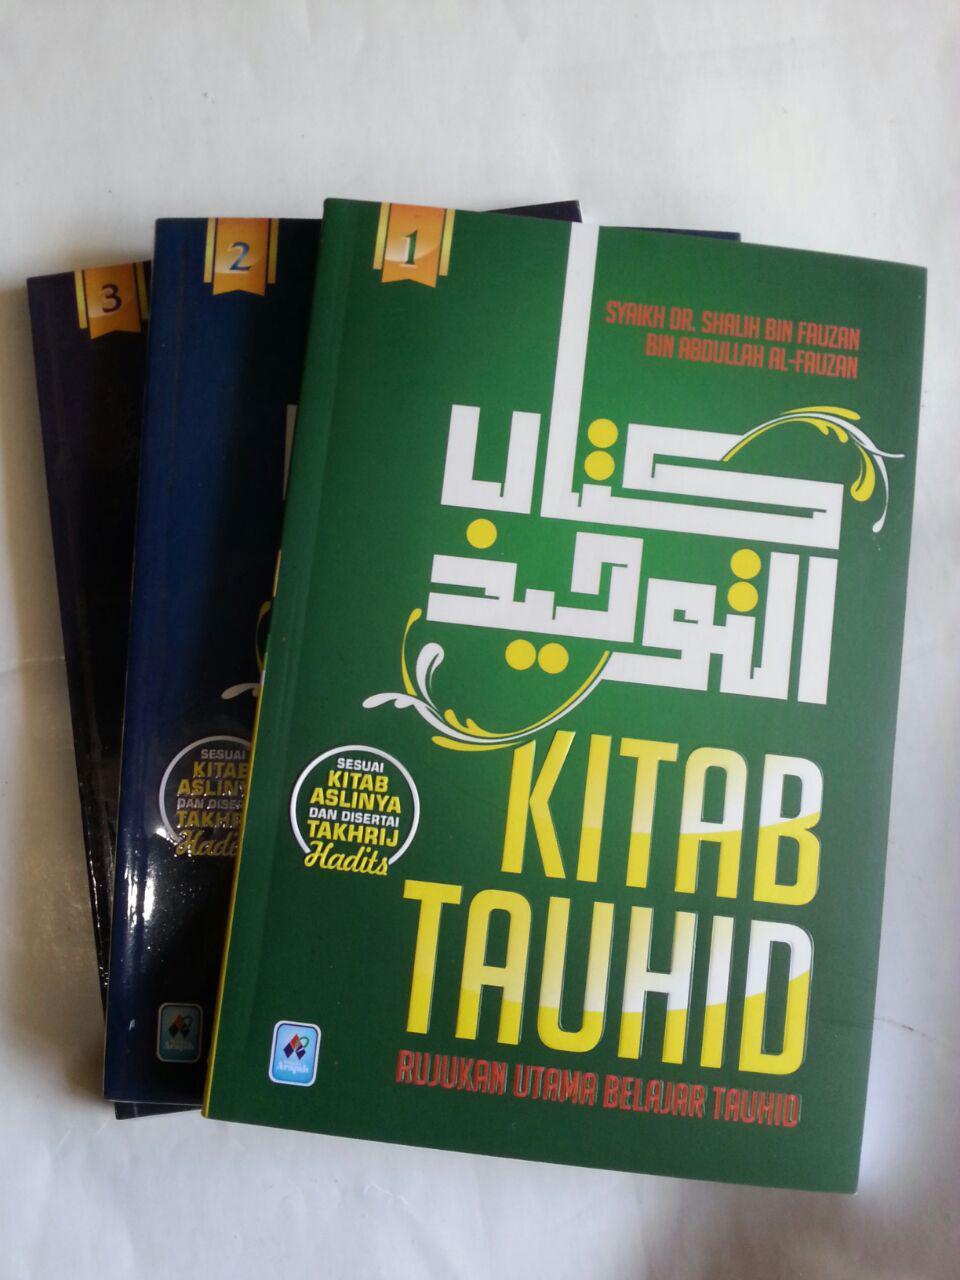 Buku Kitab Tauhid Rujukan Utama Belajar Tauhid 1 Set 3 Jilid cover 6